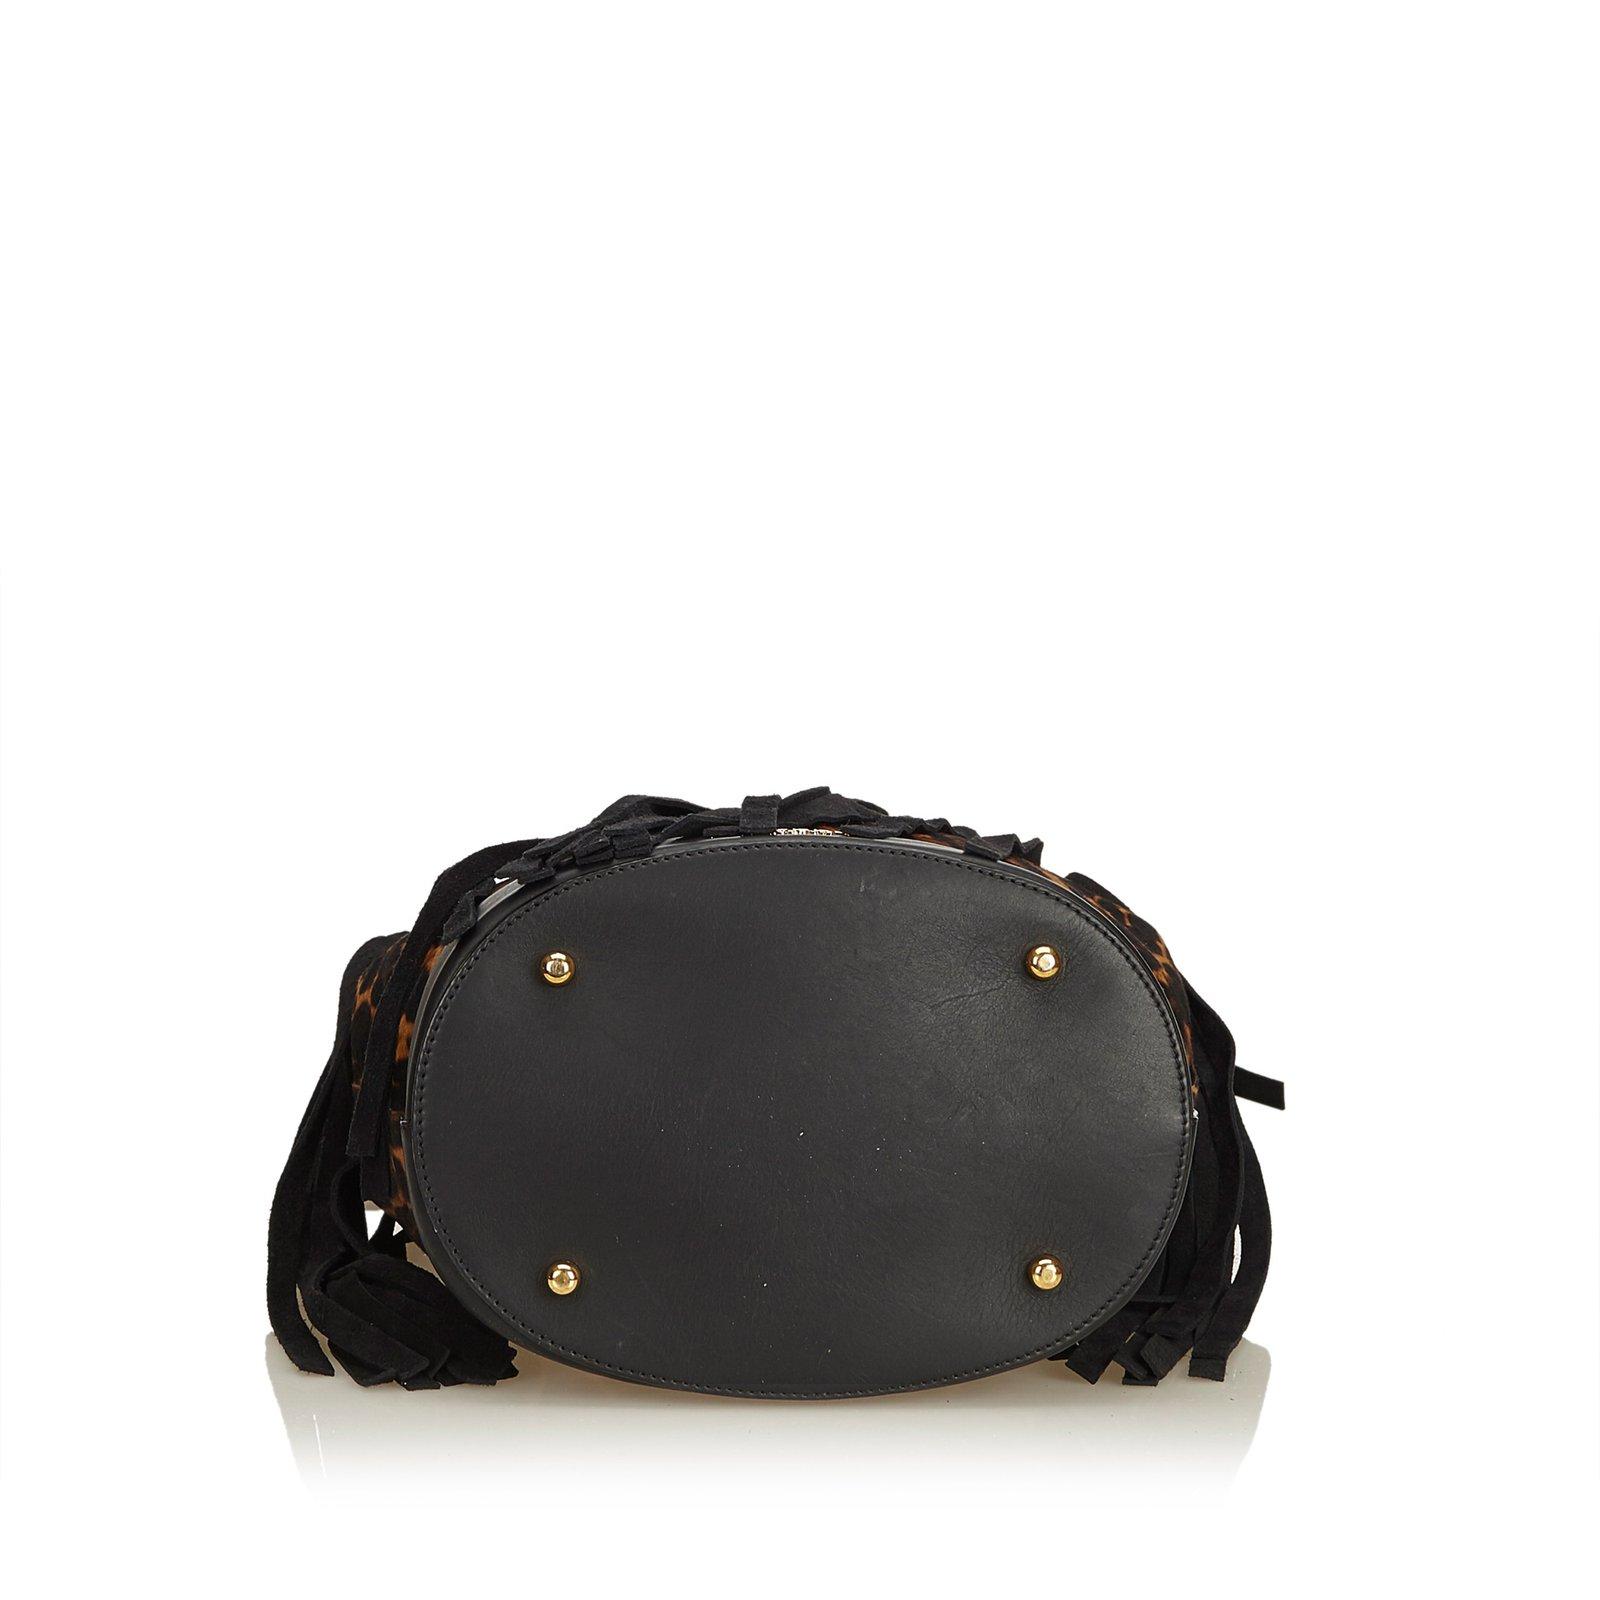 Sacs à main Burberry Sac à main à franges imprimé léopard Suede,Cuir,Autre  Marron,Noir ref.91550 - Joli Closet 0cb4abd8be